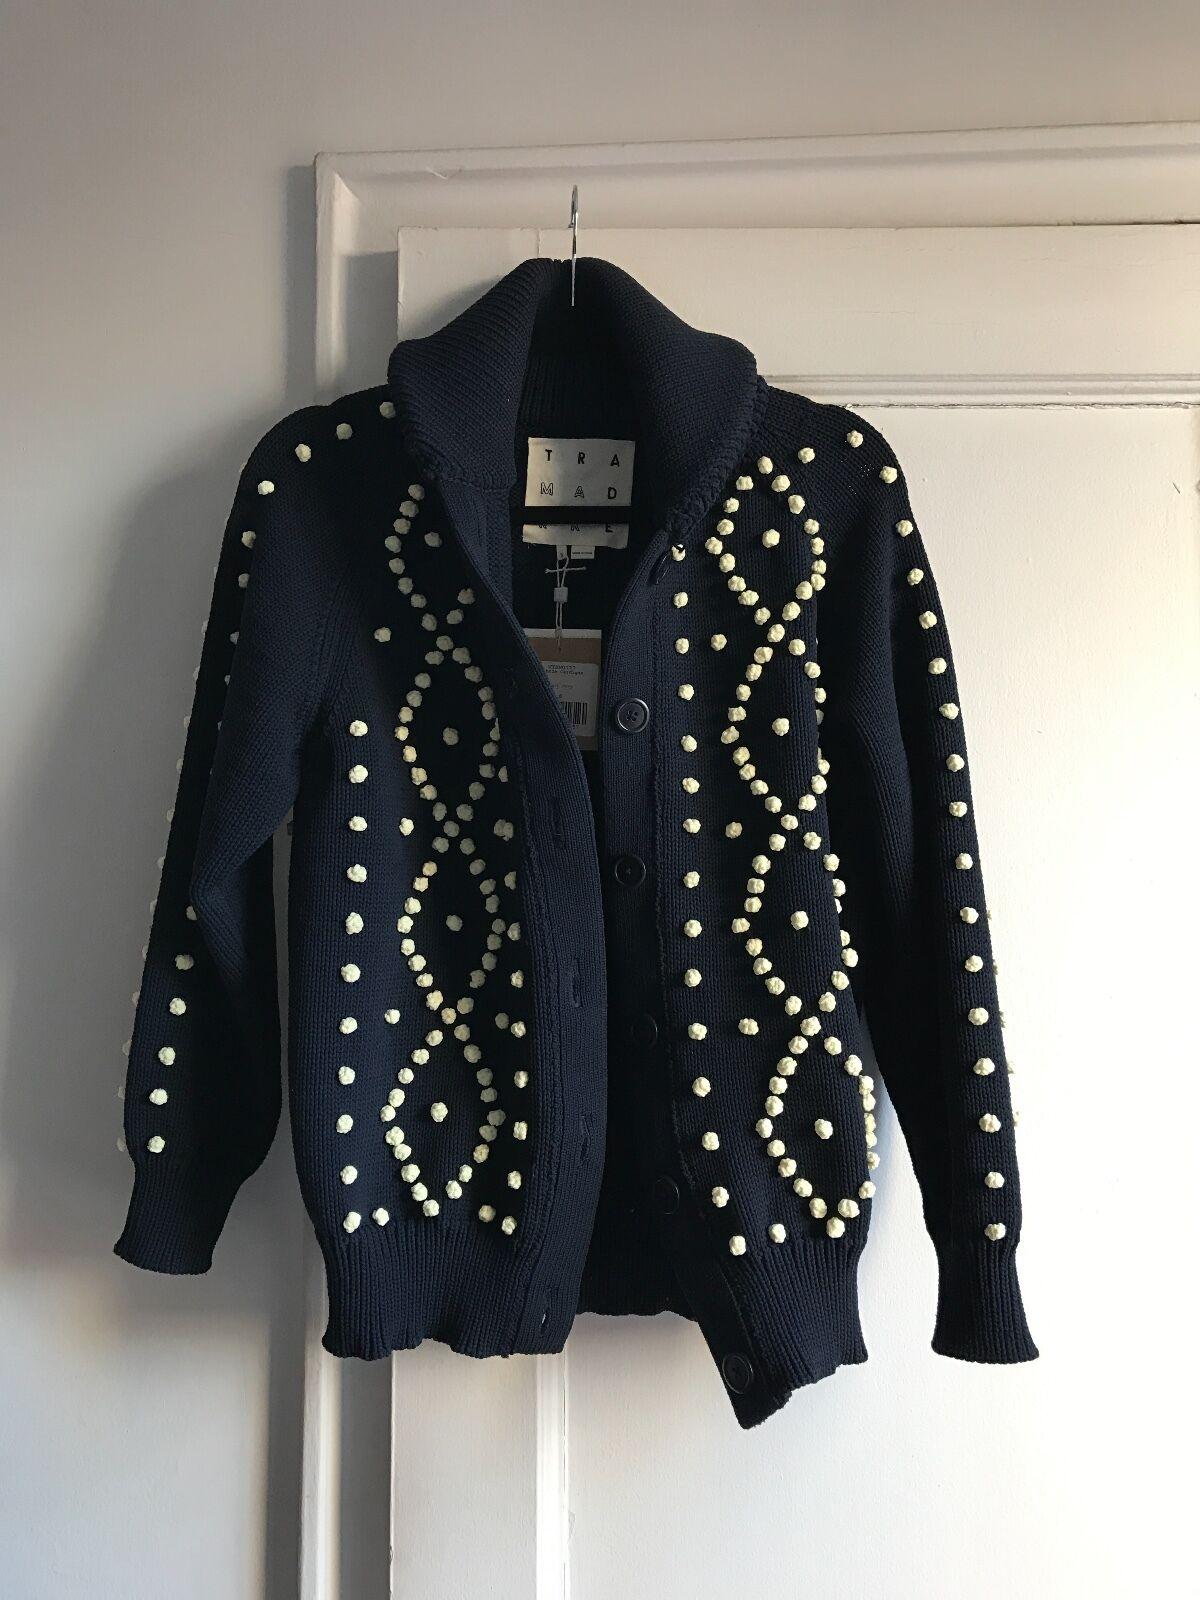 Trademark Dark bluee Navy & Yellow Shawl Collar Bobble Cardigan Cardigan Cardigan Sweater, Sm, NWT c16814